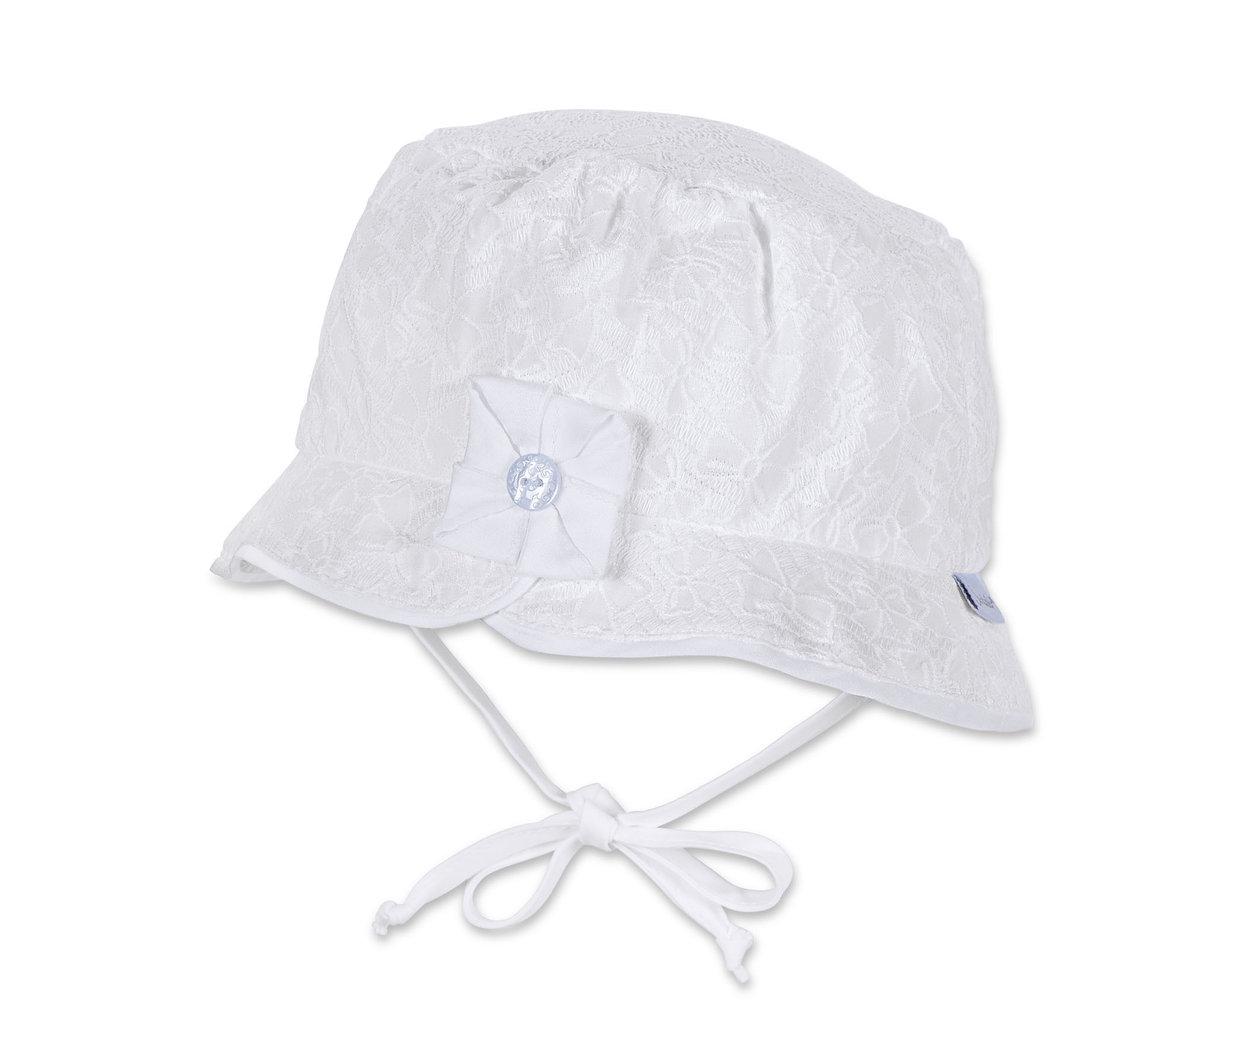 SOMMER Mini Mädchen Hut Mütze STERNTALER 1411400 | eBay